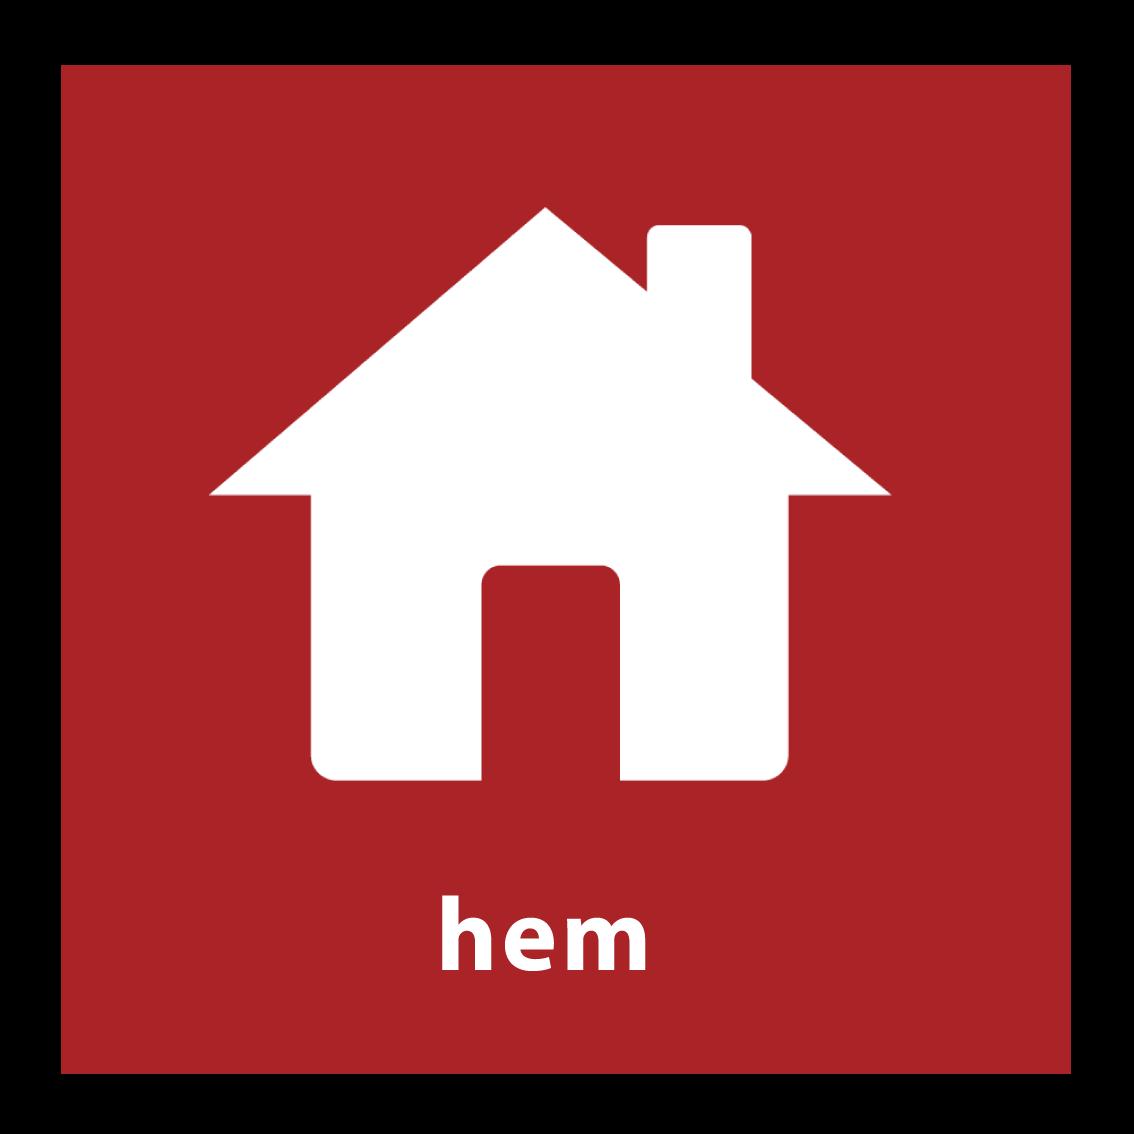 hemmeny